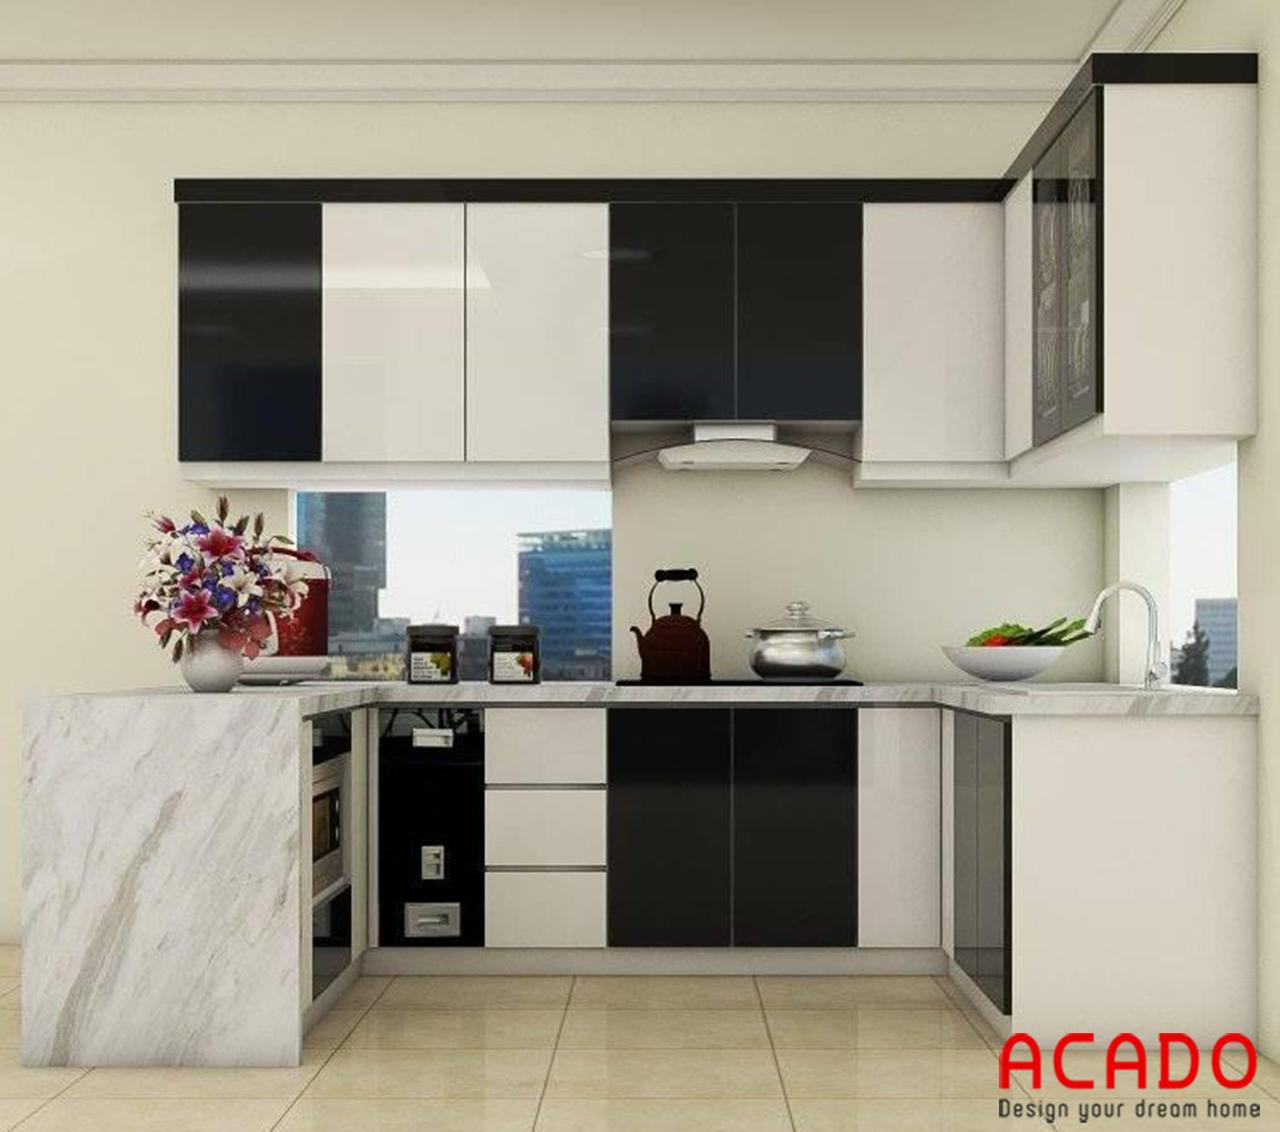 Tủ bếp gỗ công nghiệp Melamine trắng đen kết hợp cửa sổ - nội thất ACADO